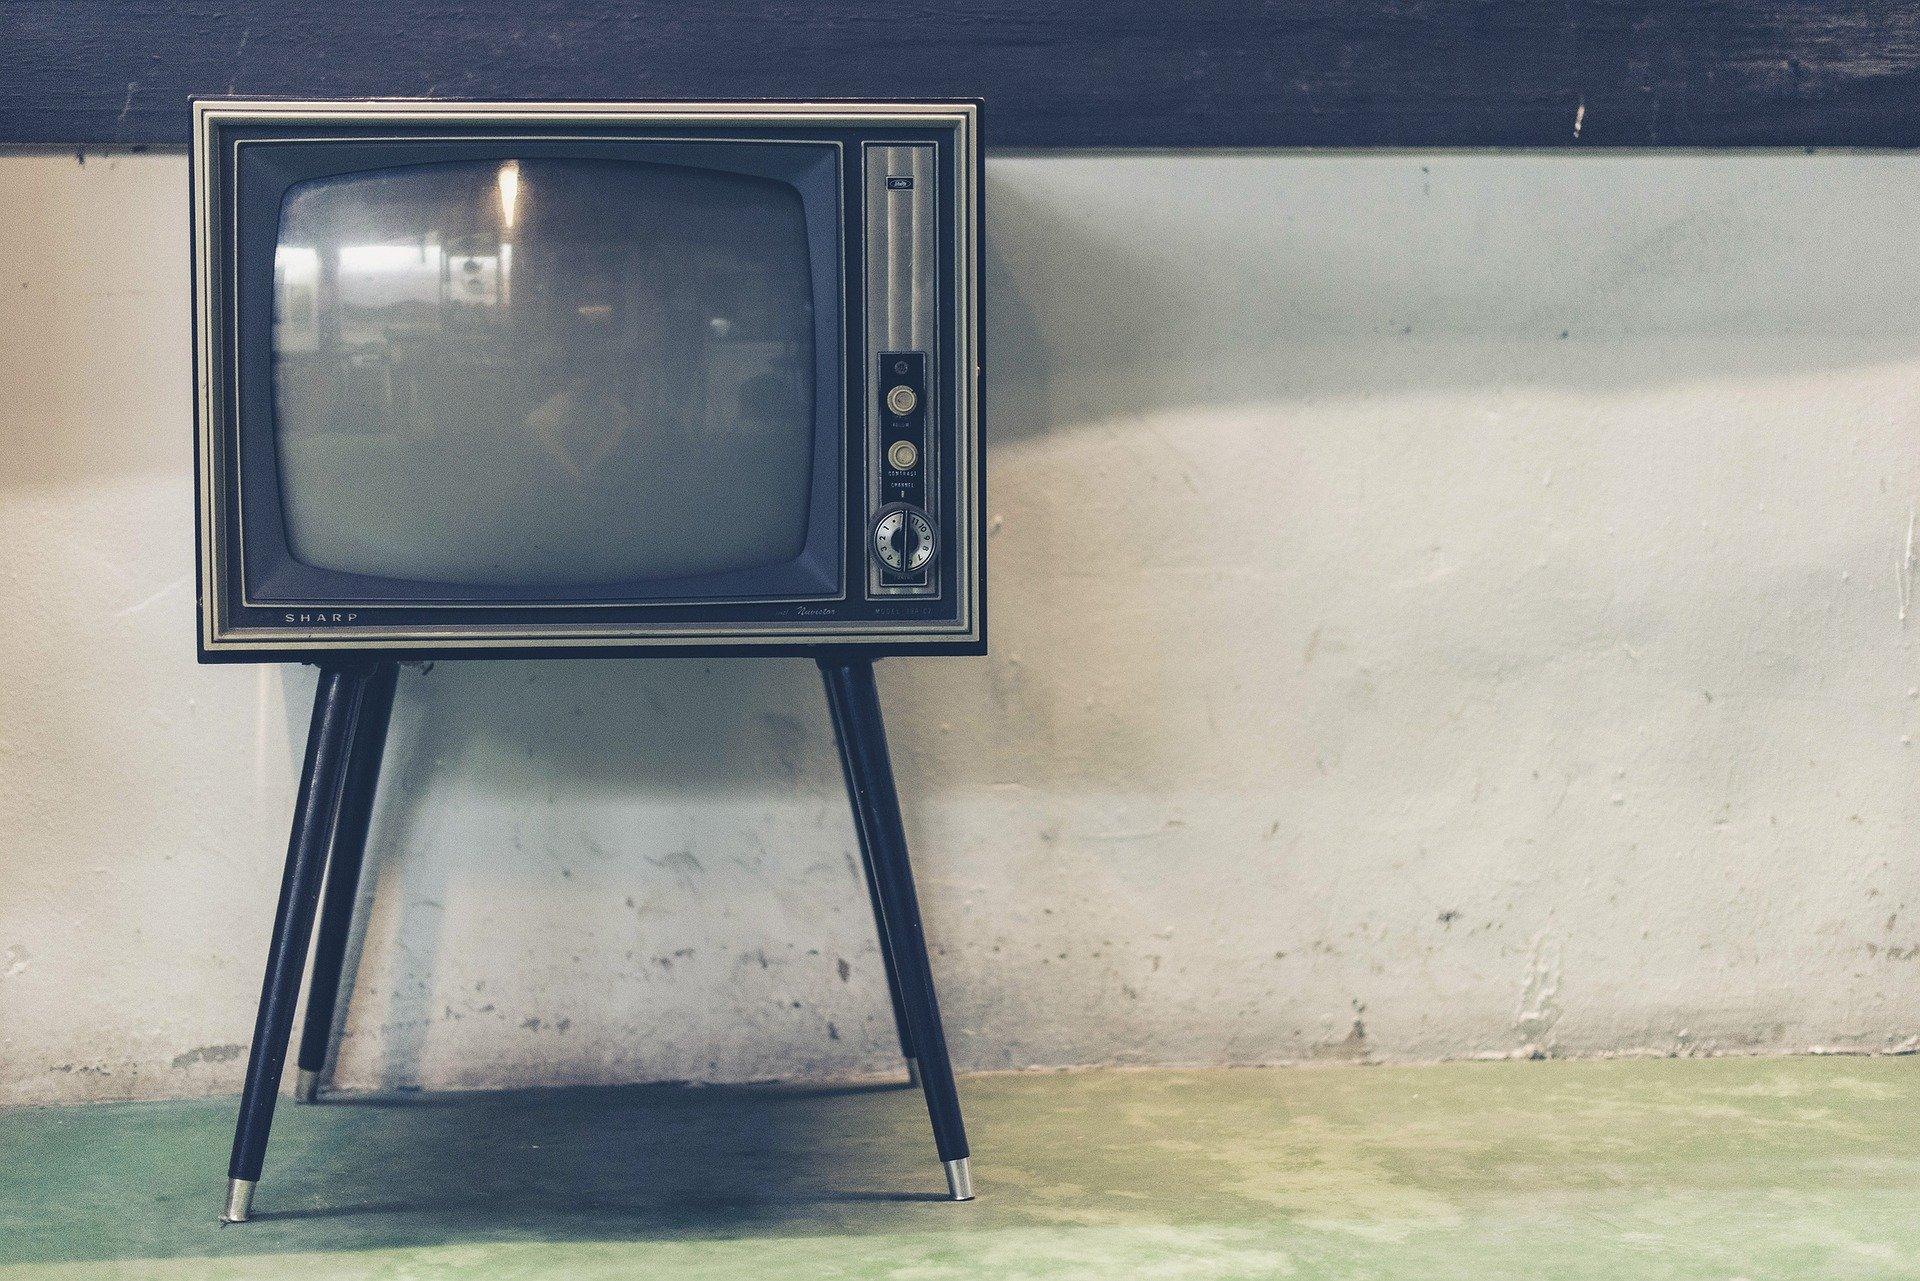 【めっちゃ当たる】お茶の間のテレビで話題沸騰 有名イケメン占い師 木下レオンとは!!